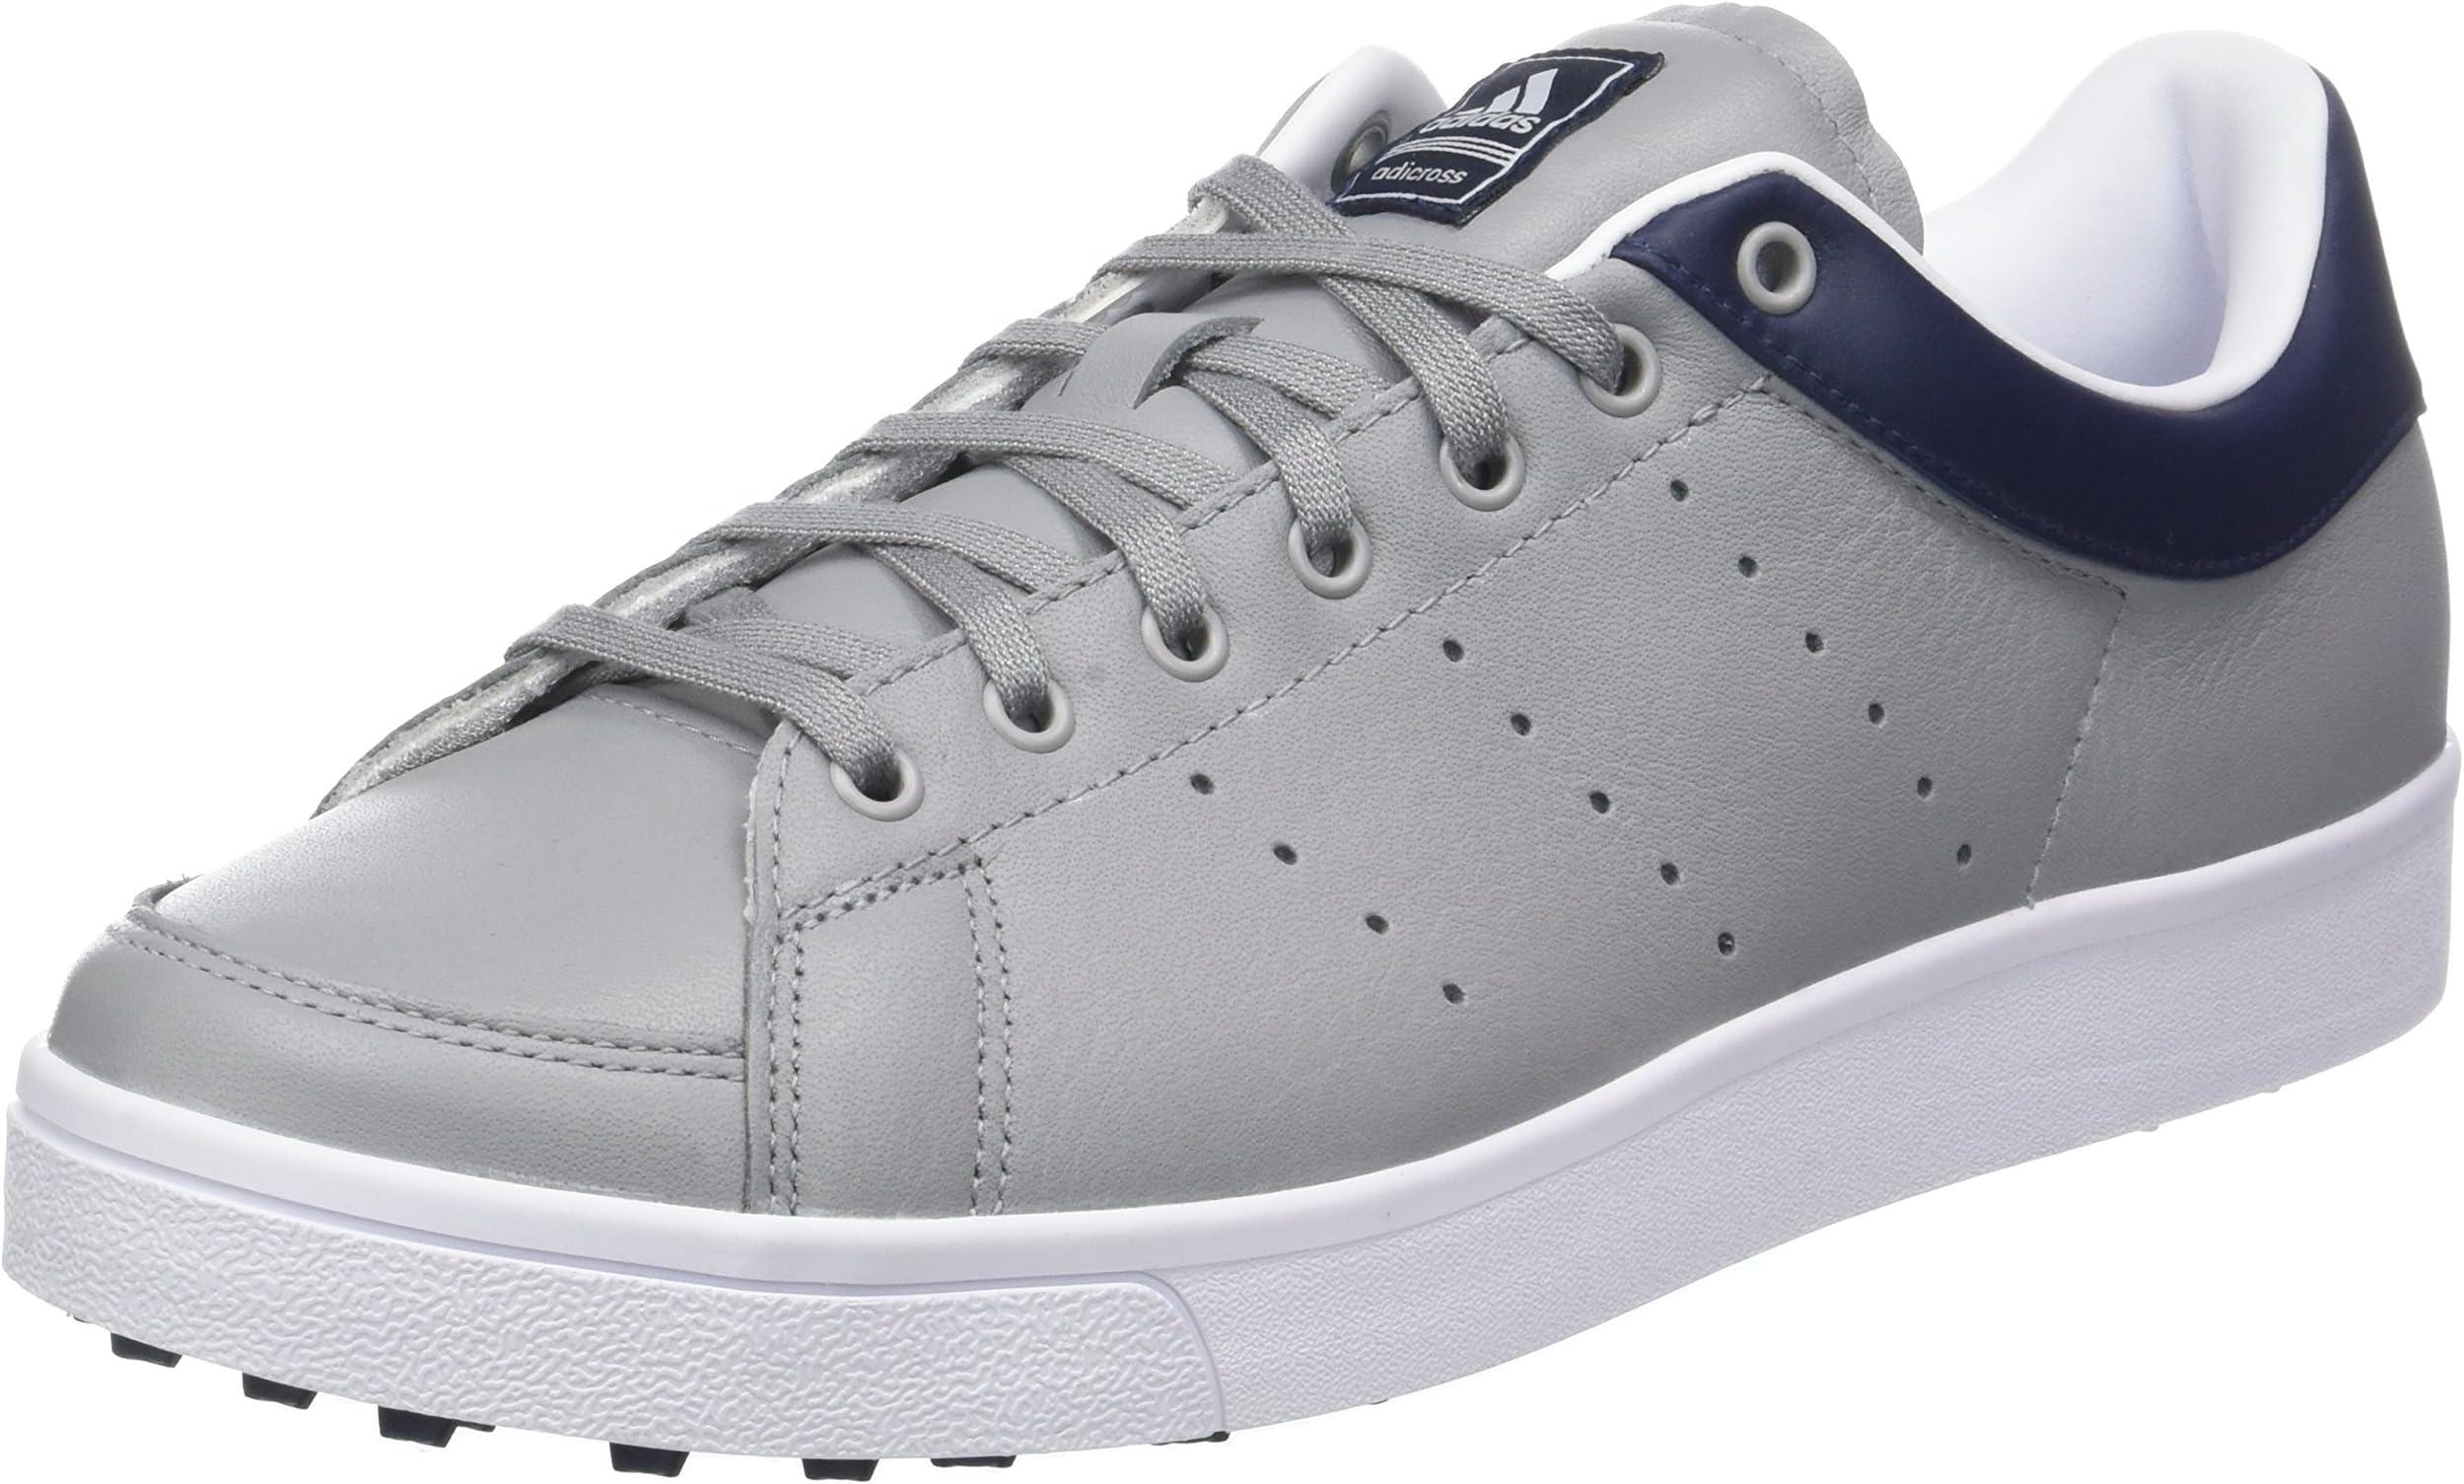 adidas scarpe golf prezzo